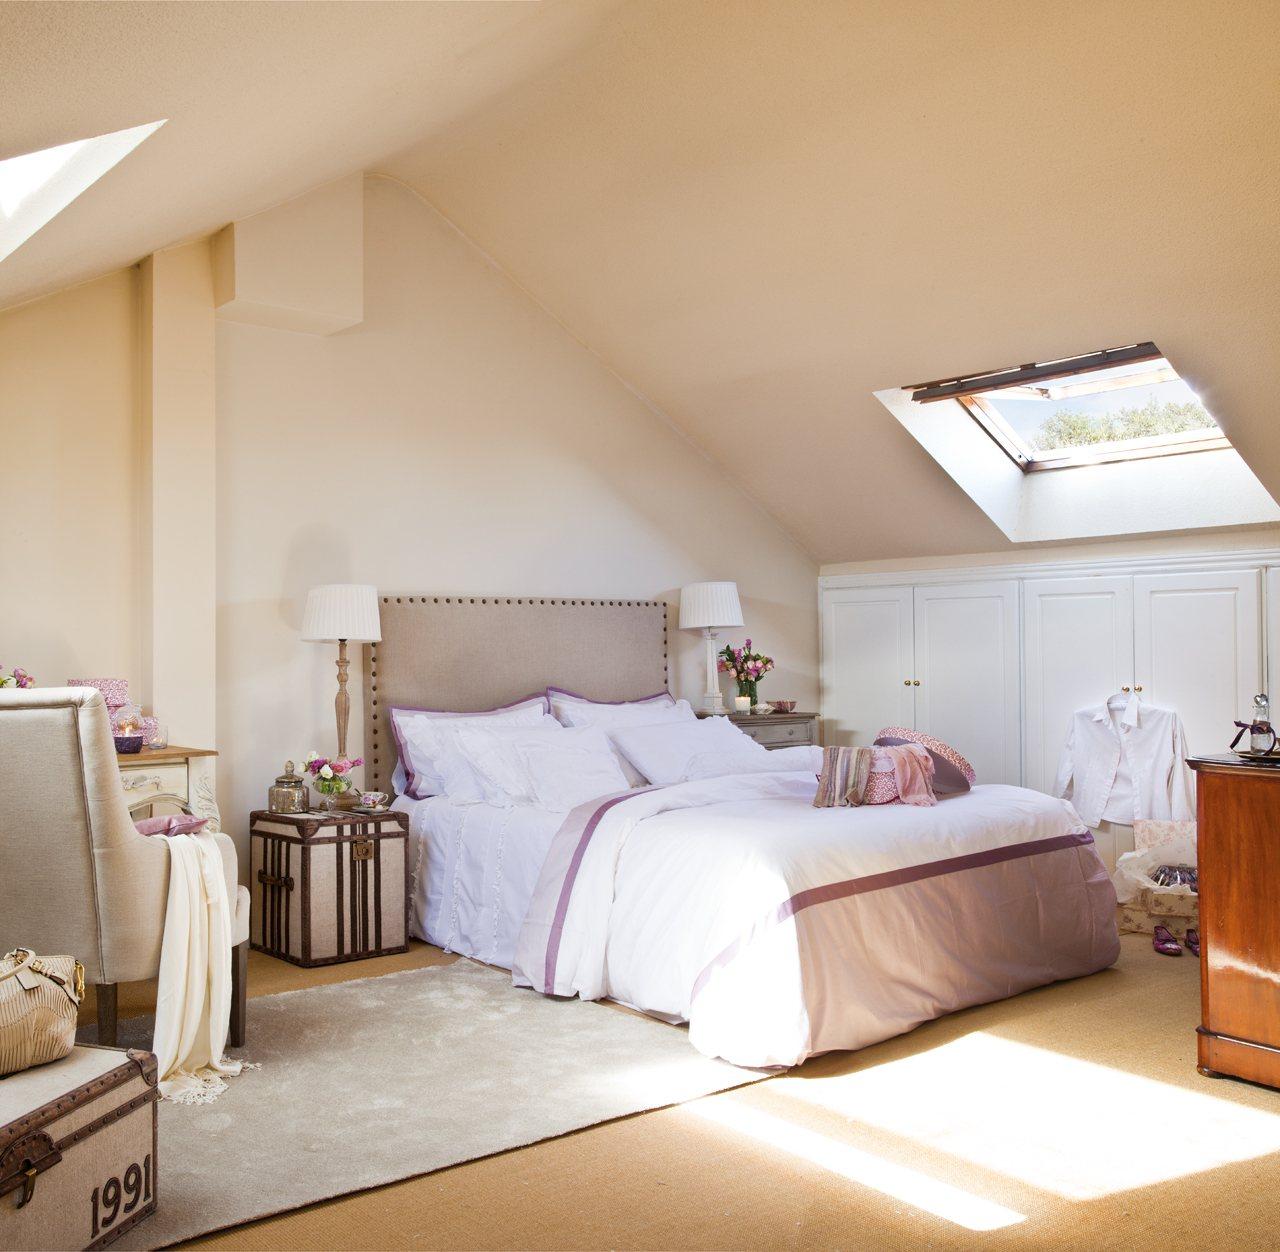 12 dormitorios renovados por el mueble - Imagenes para dormitorios ...